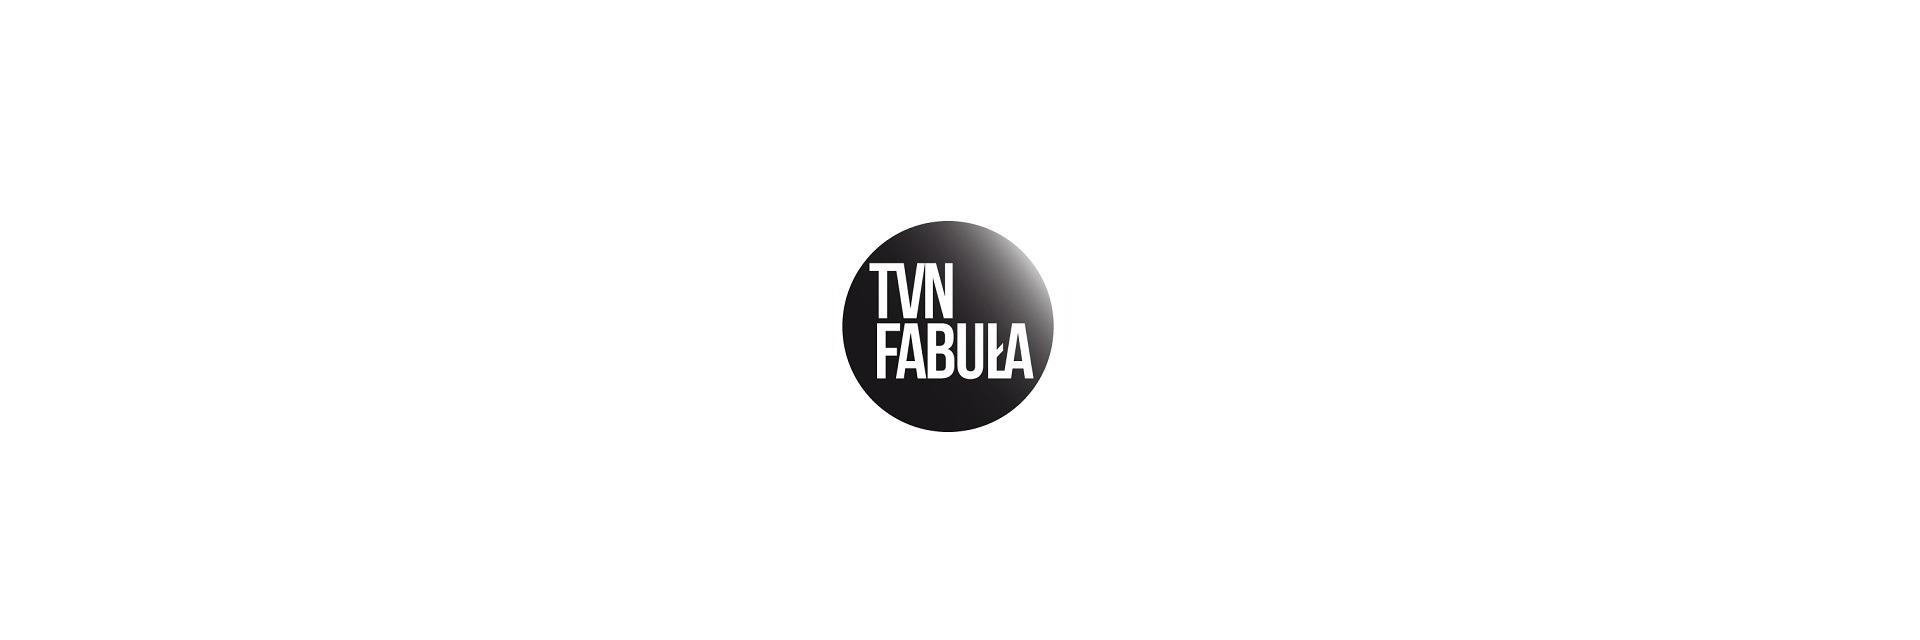 Ramówka TVN Fabuła